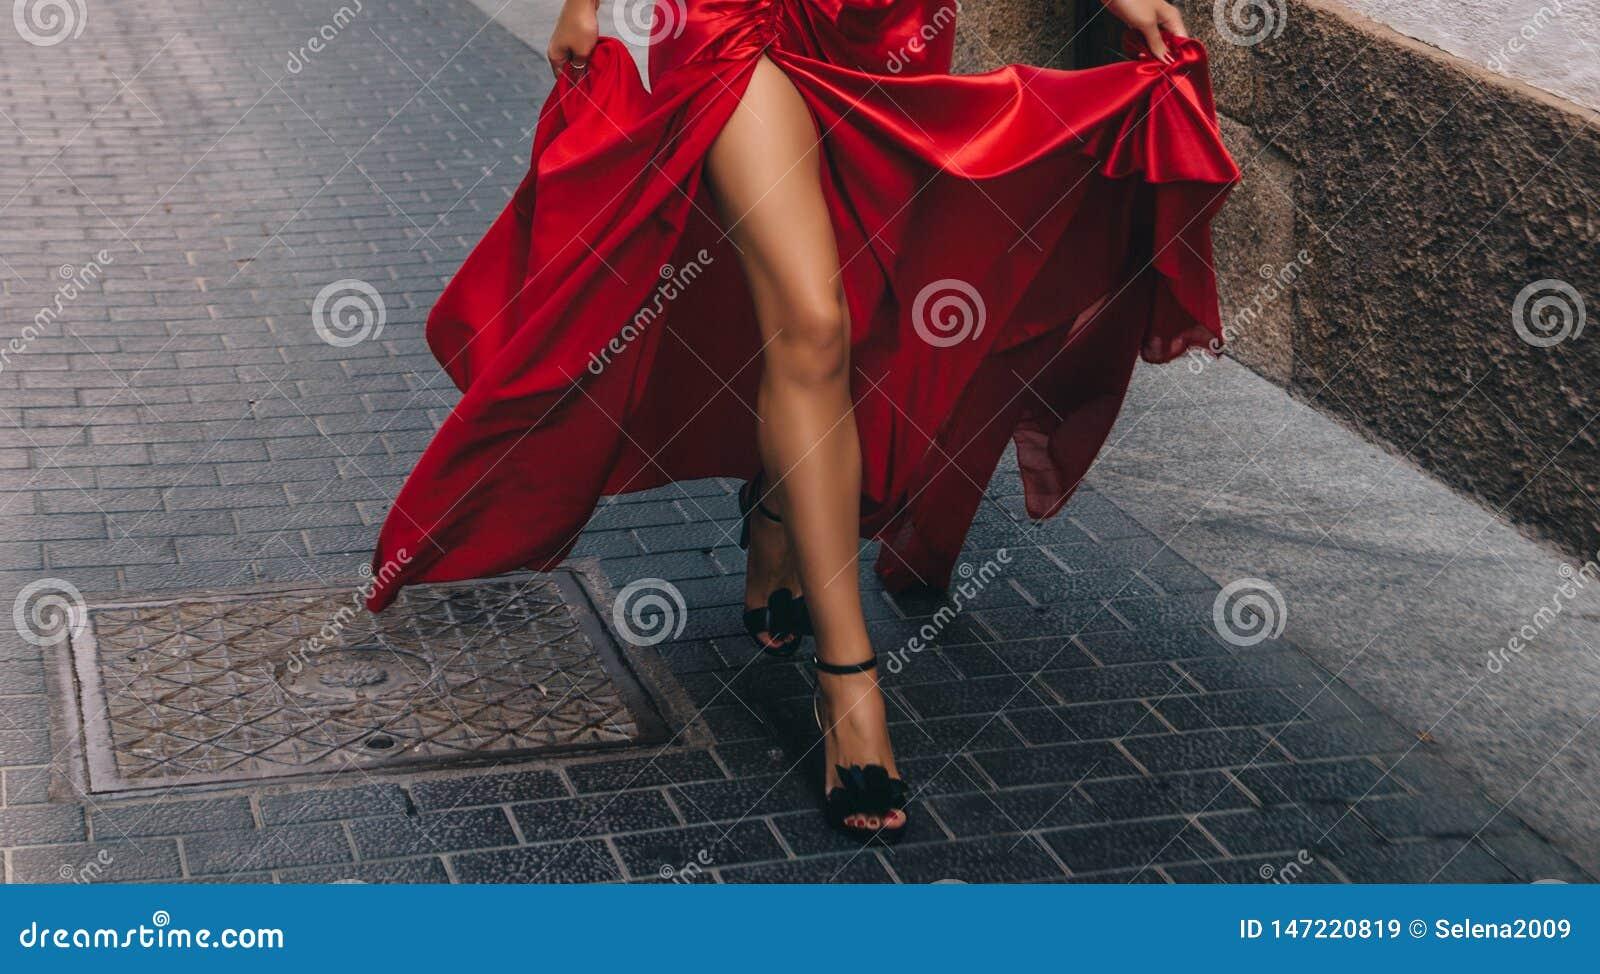 Девушка в красном цвете Длиной, худенькие ноги